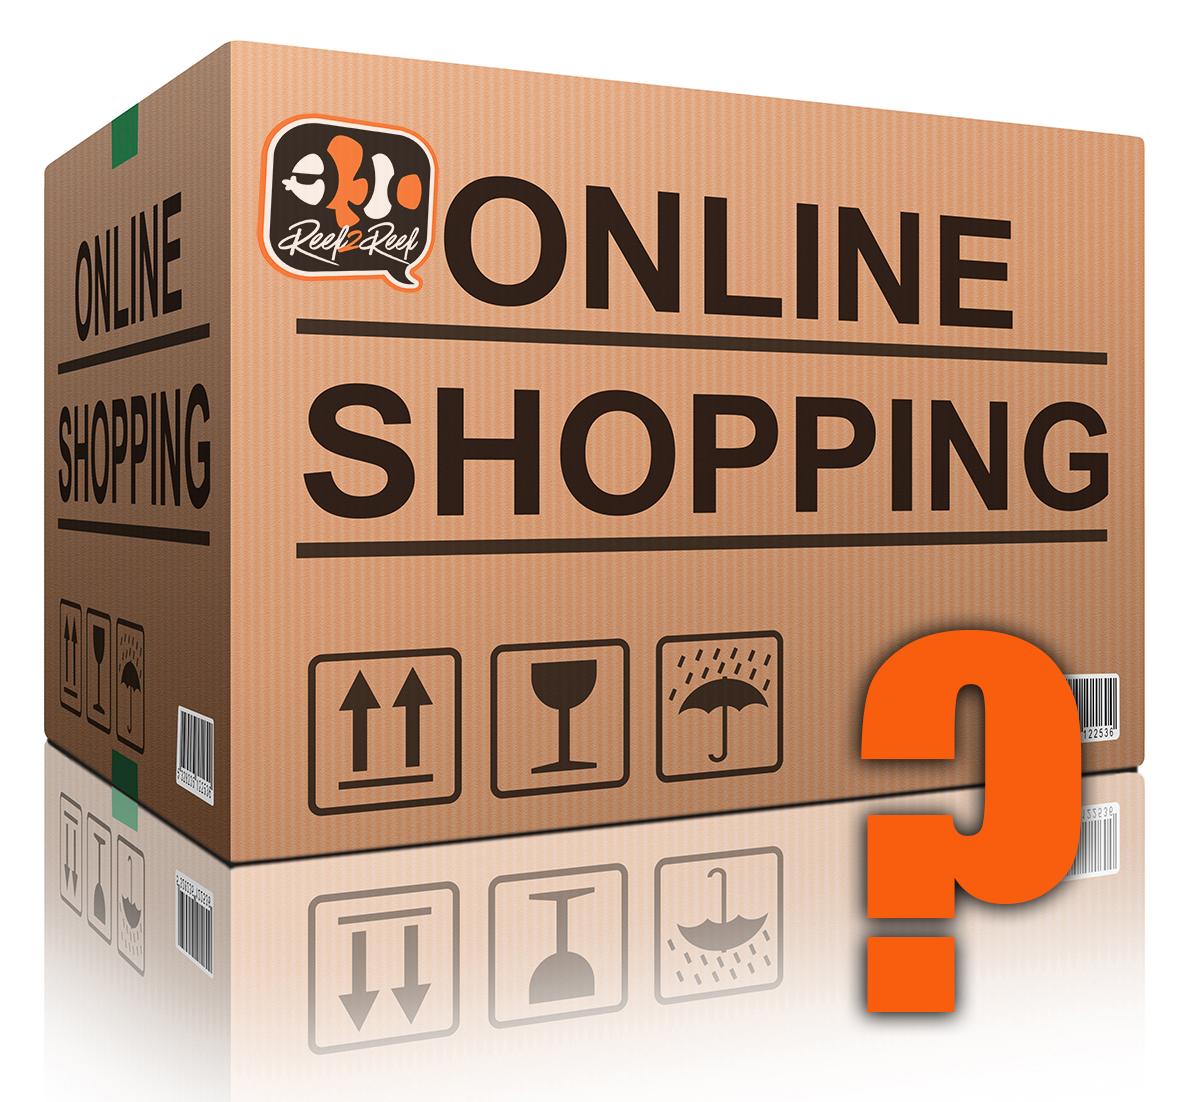 still shopping online2.jpg